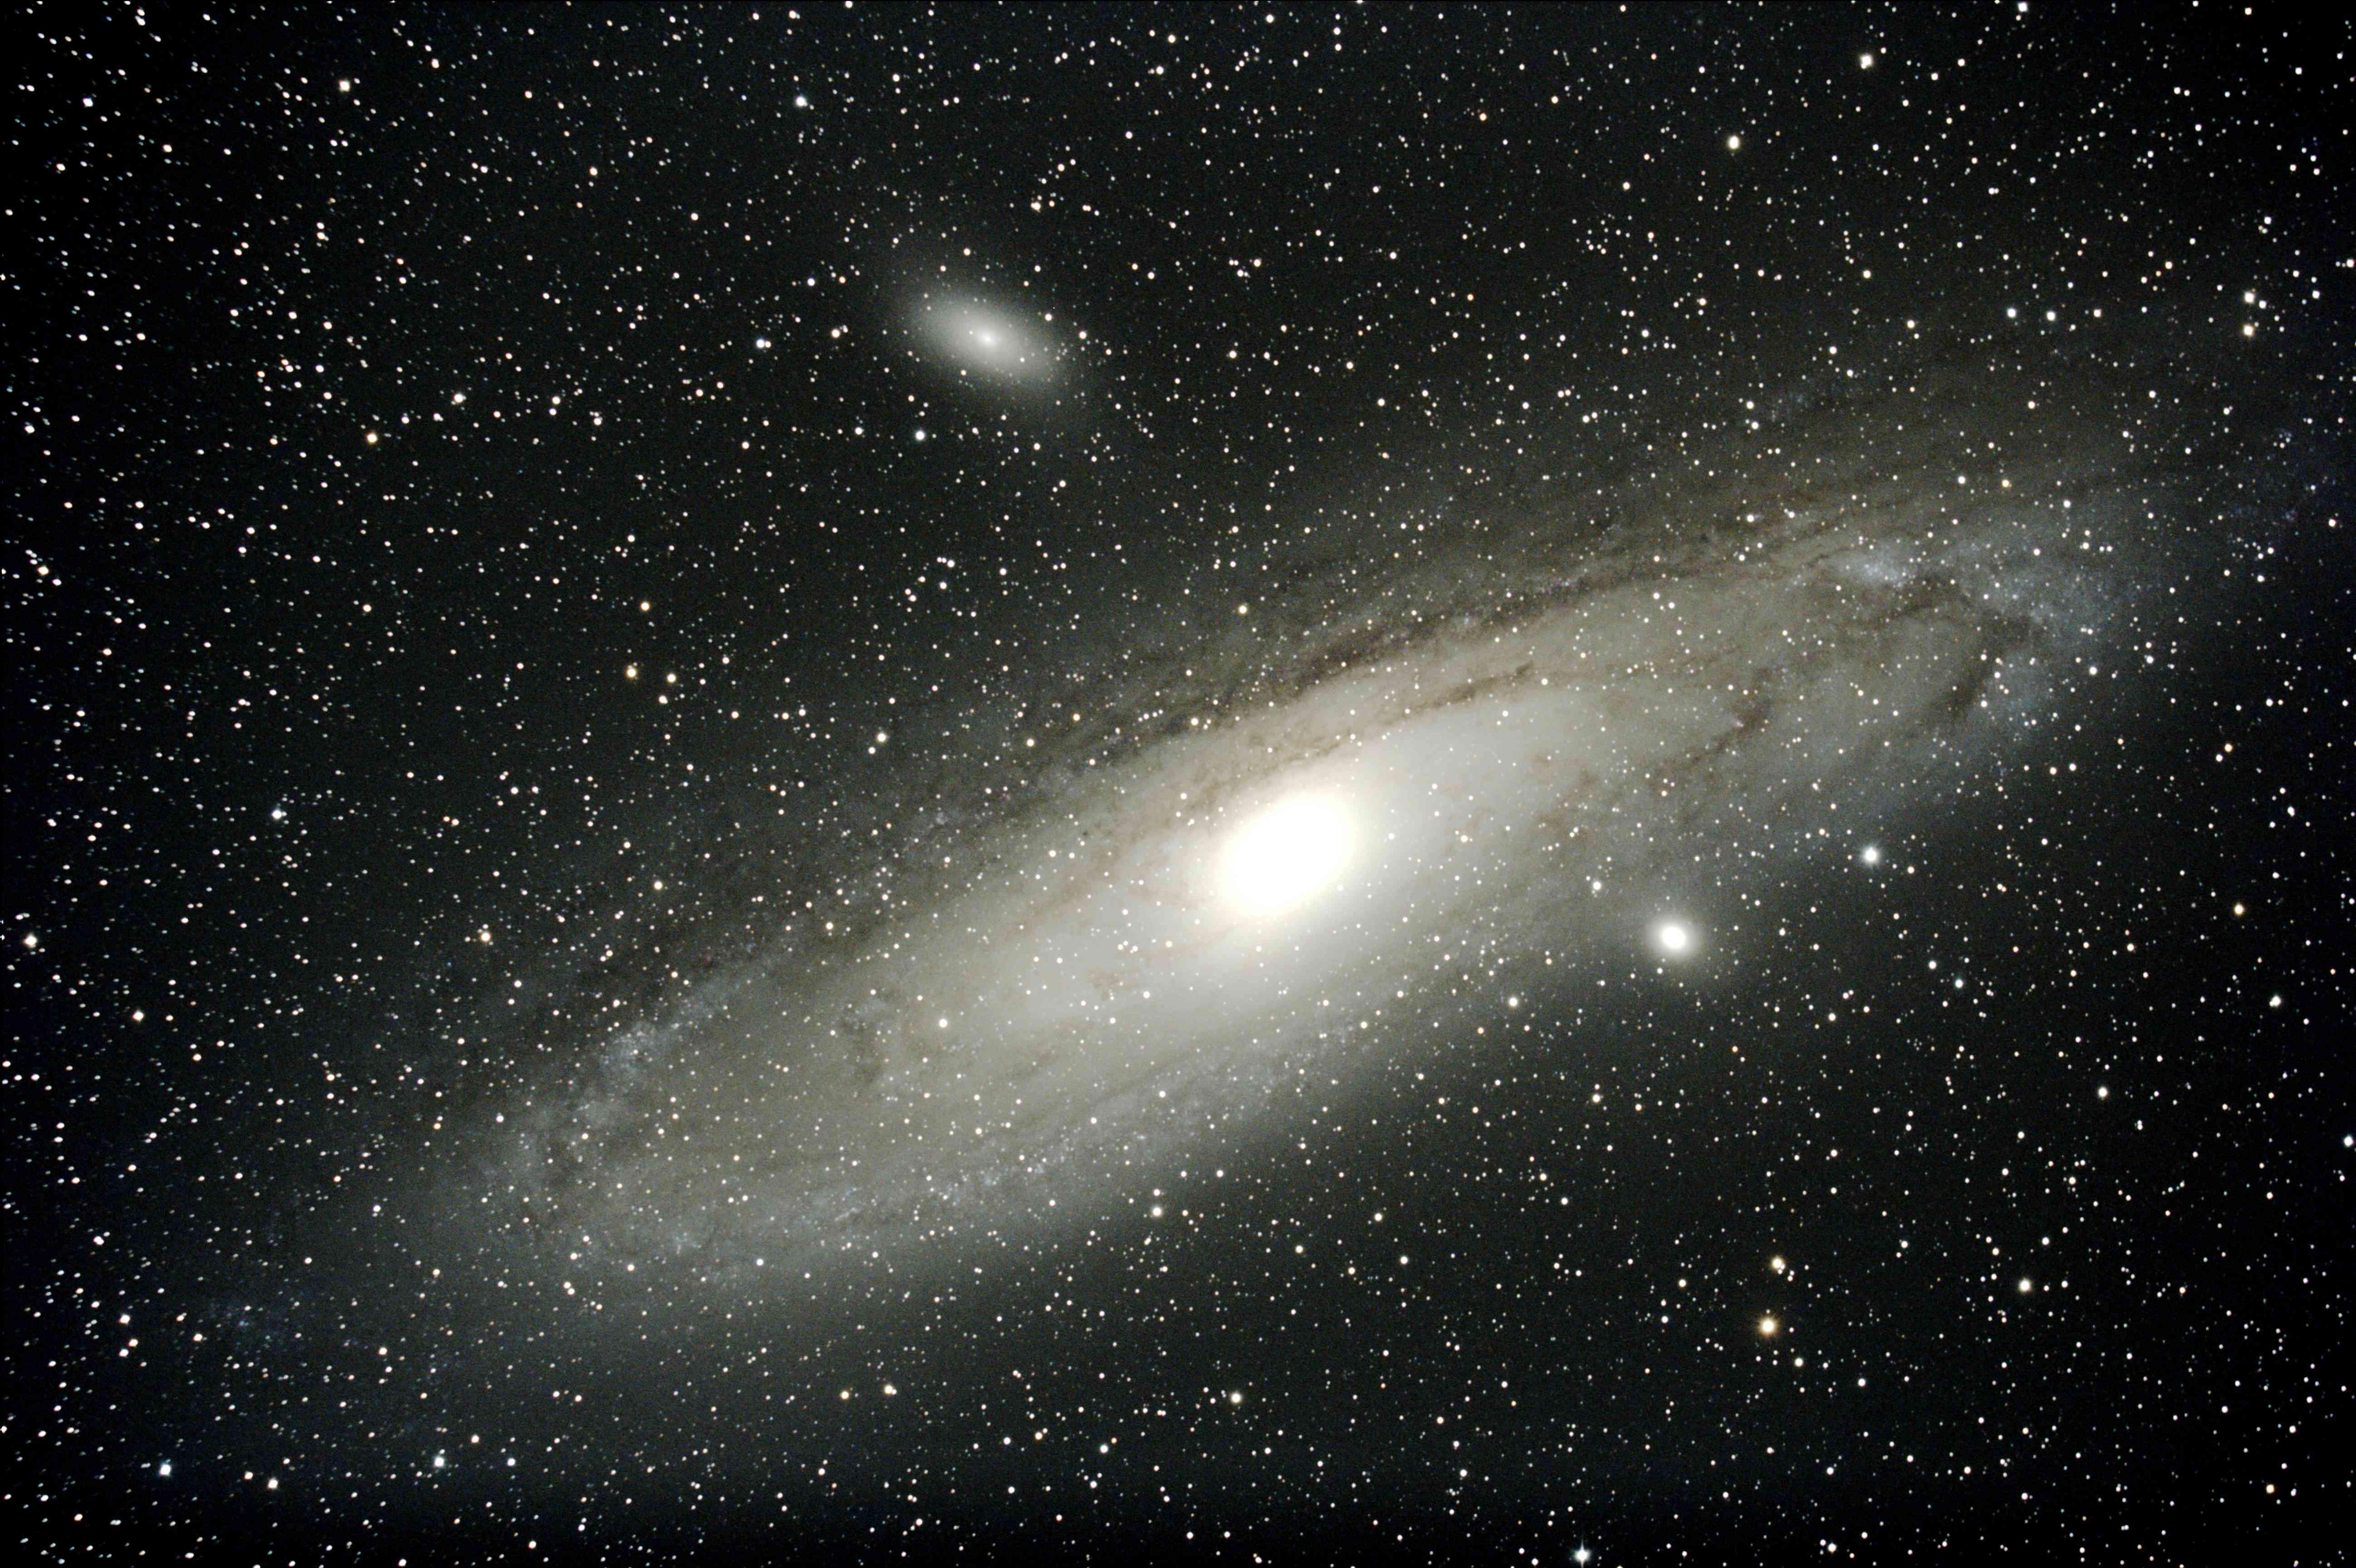 アンドロメダ銀河 M31